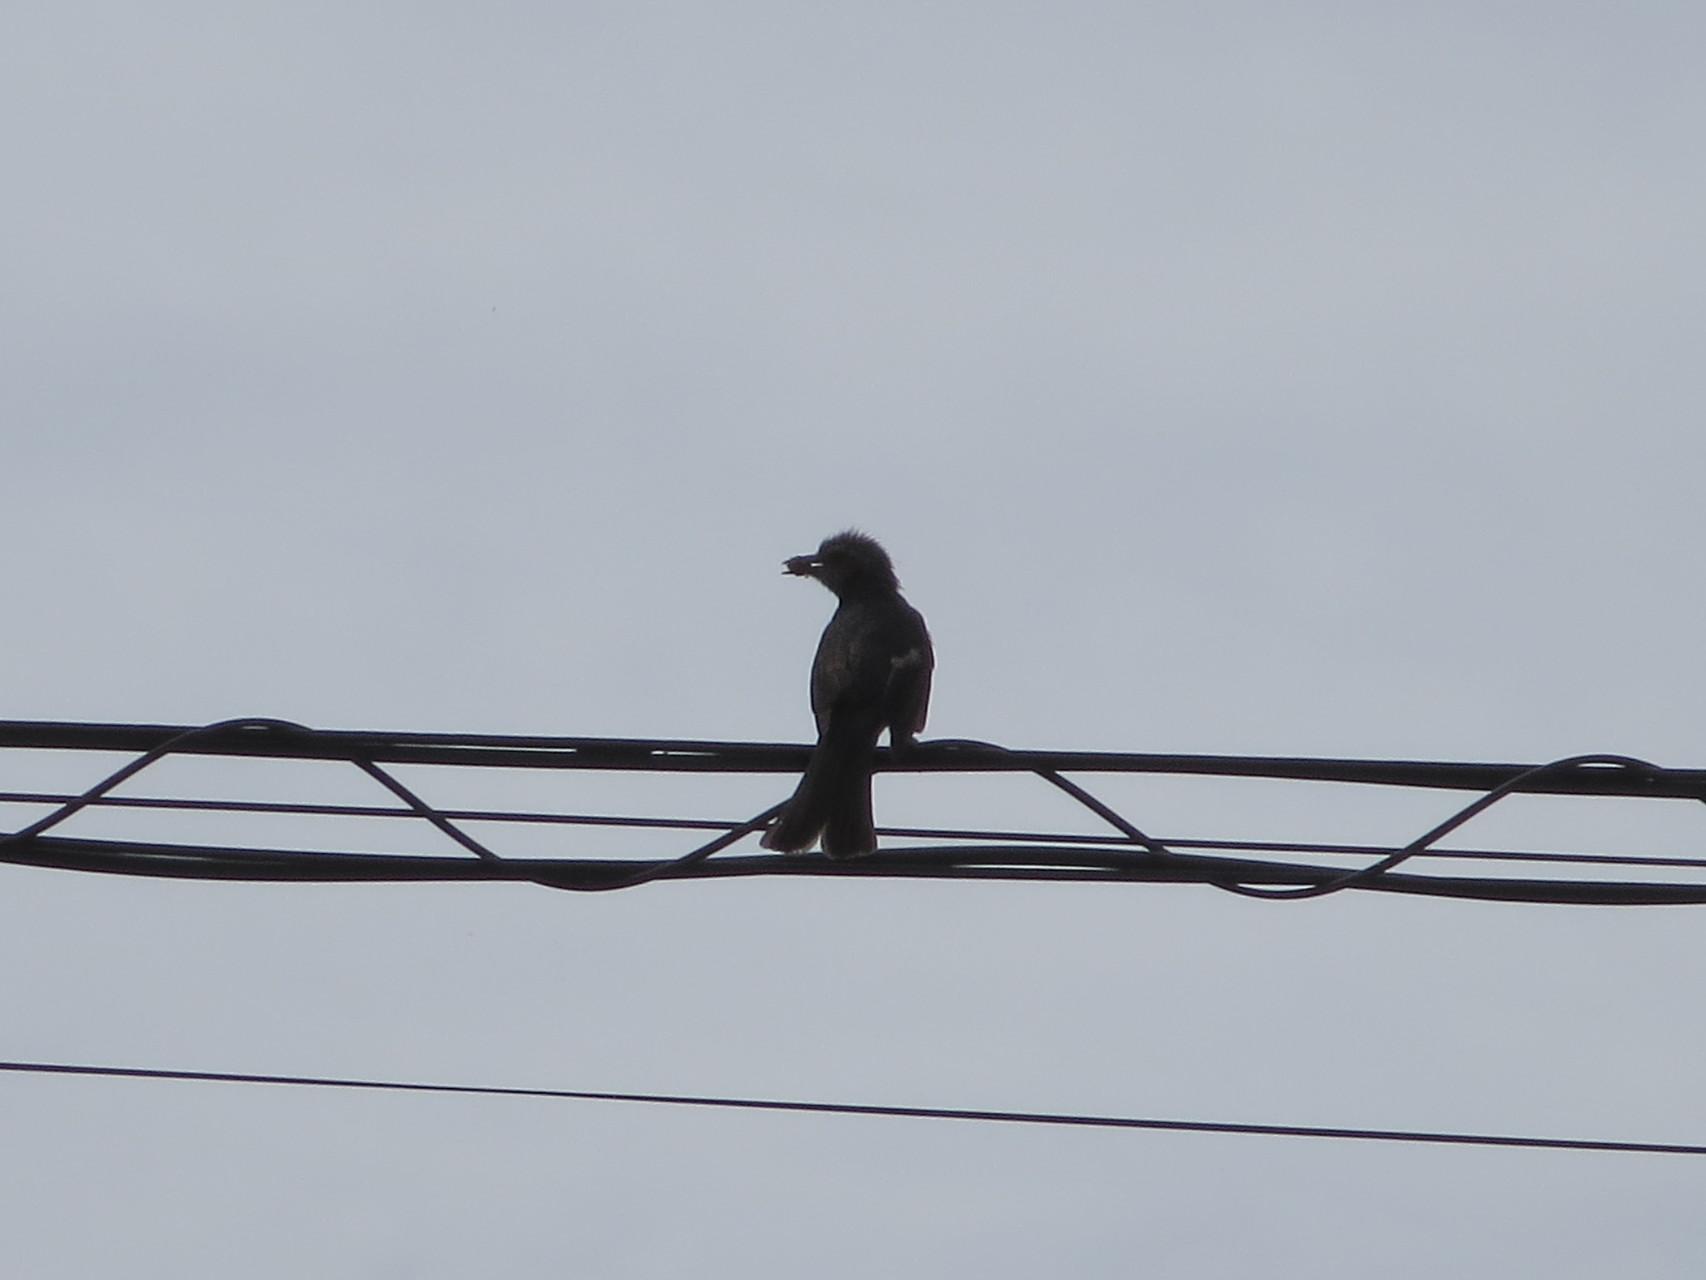 2015年06月19日 親鳥がご飯を加えて巣立ち~羽ばたきを誘って。